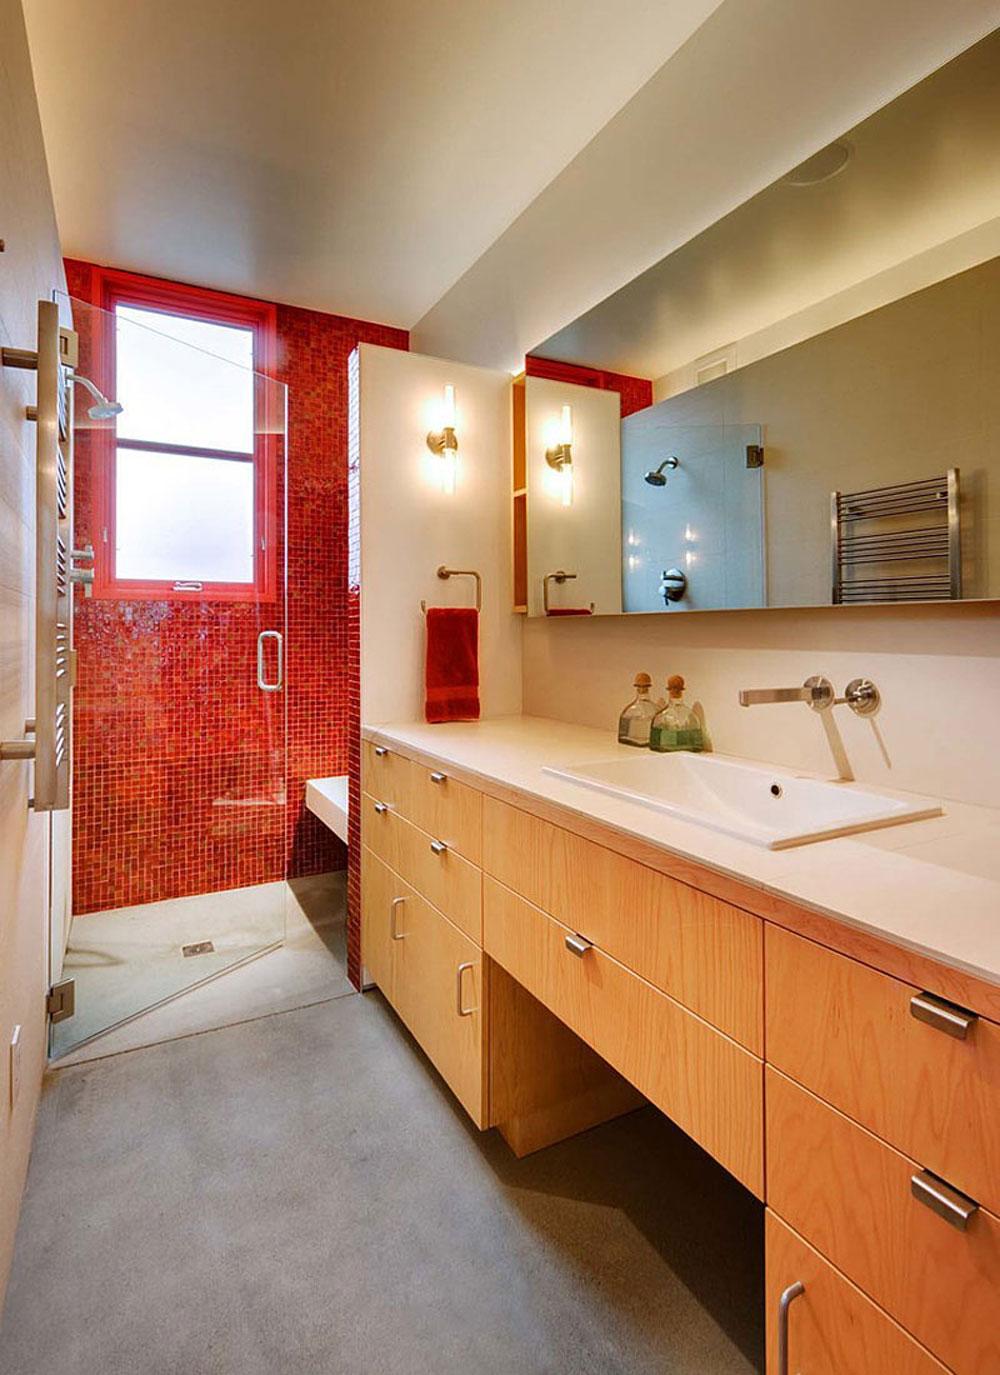 Letar du efter inspiration för modern badrumsinredning-3 Letar du efter inspiration för modern badrumsinredning?